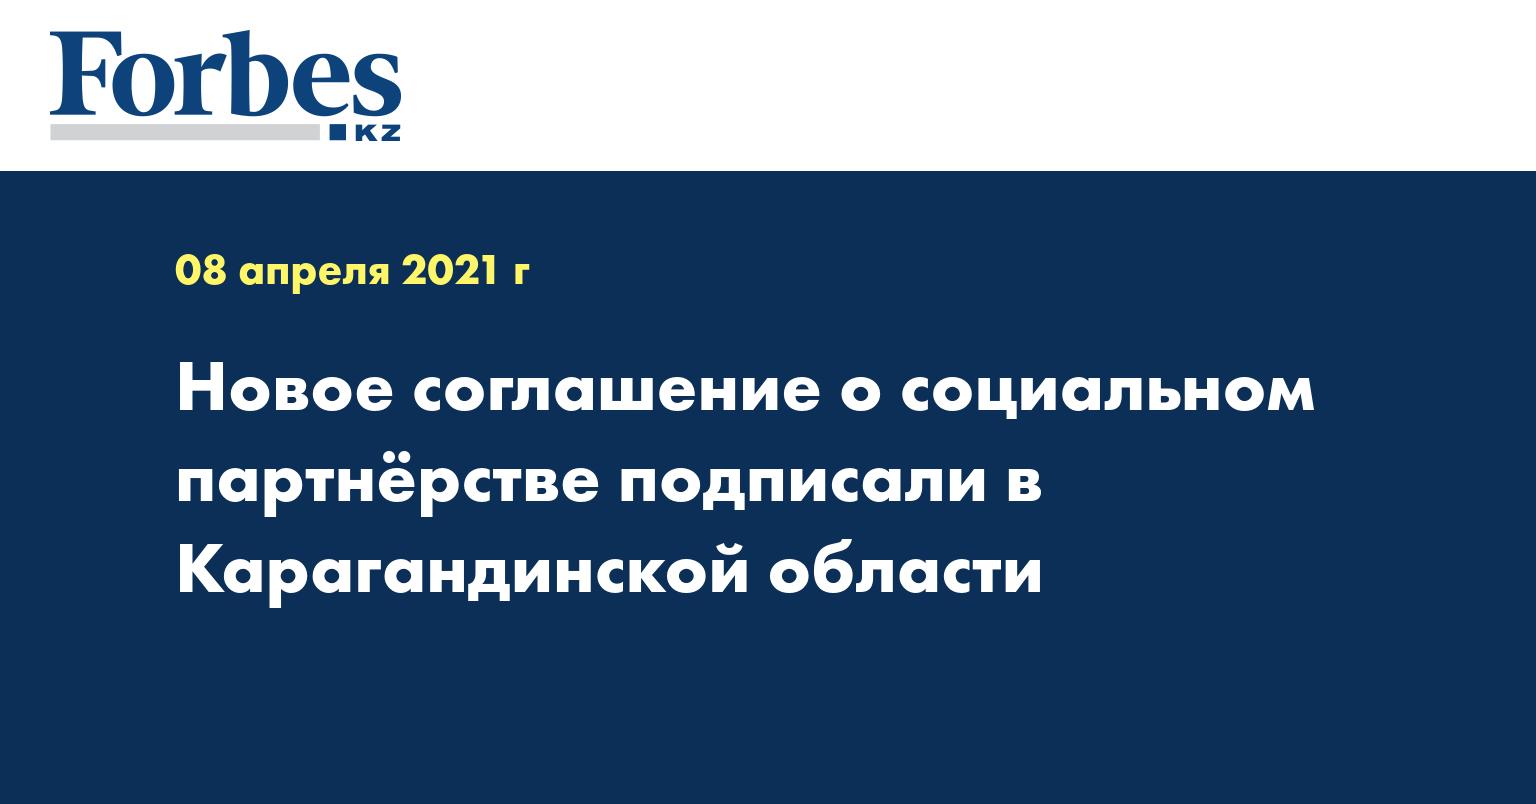 Новое соглашение о социальном партнёрстве подписали в Карагандинской области